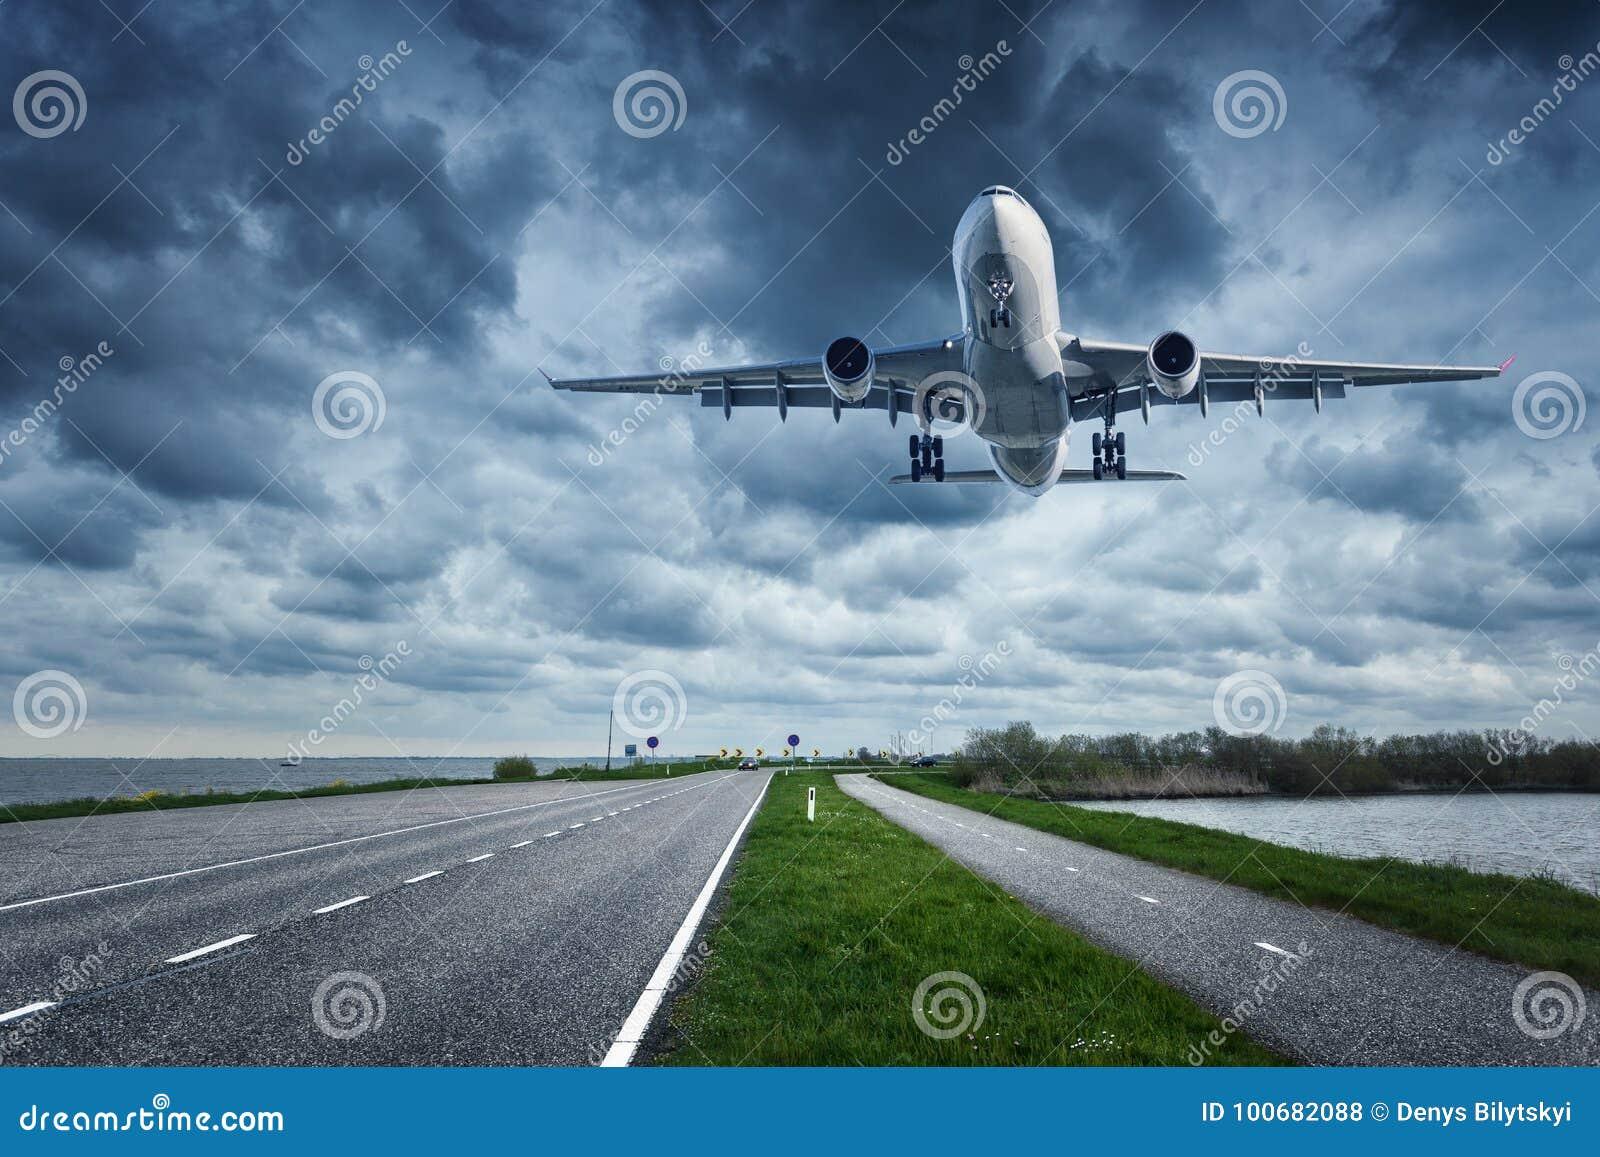 Avião e estrada no dia nublado